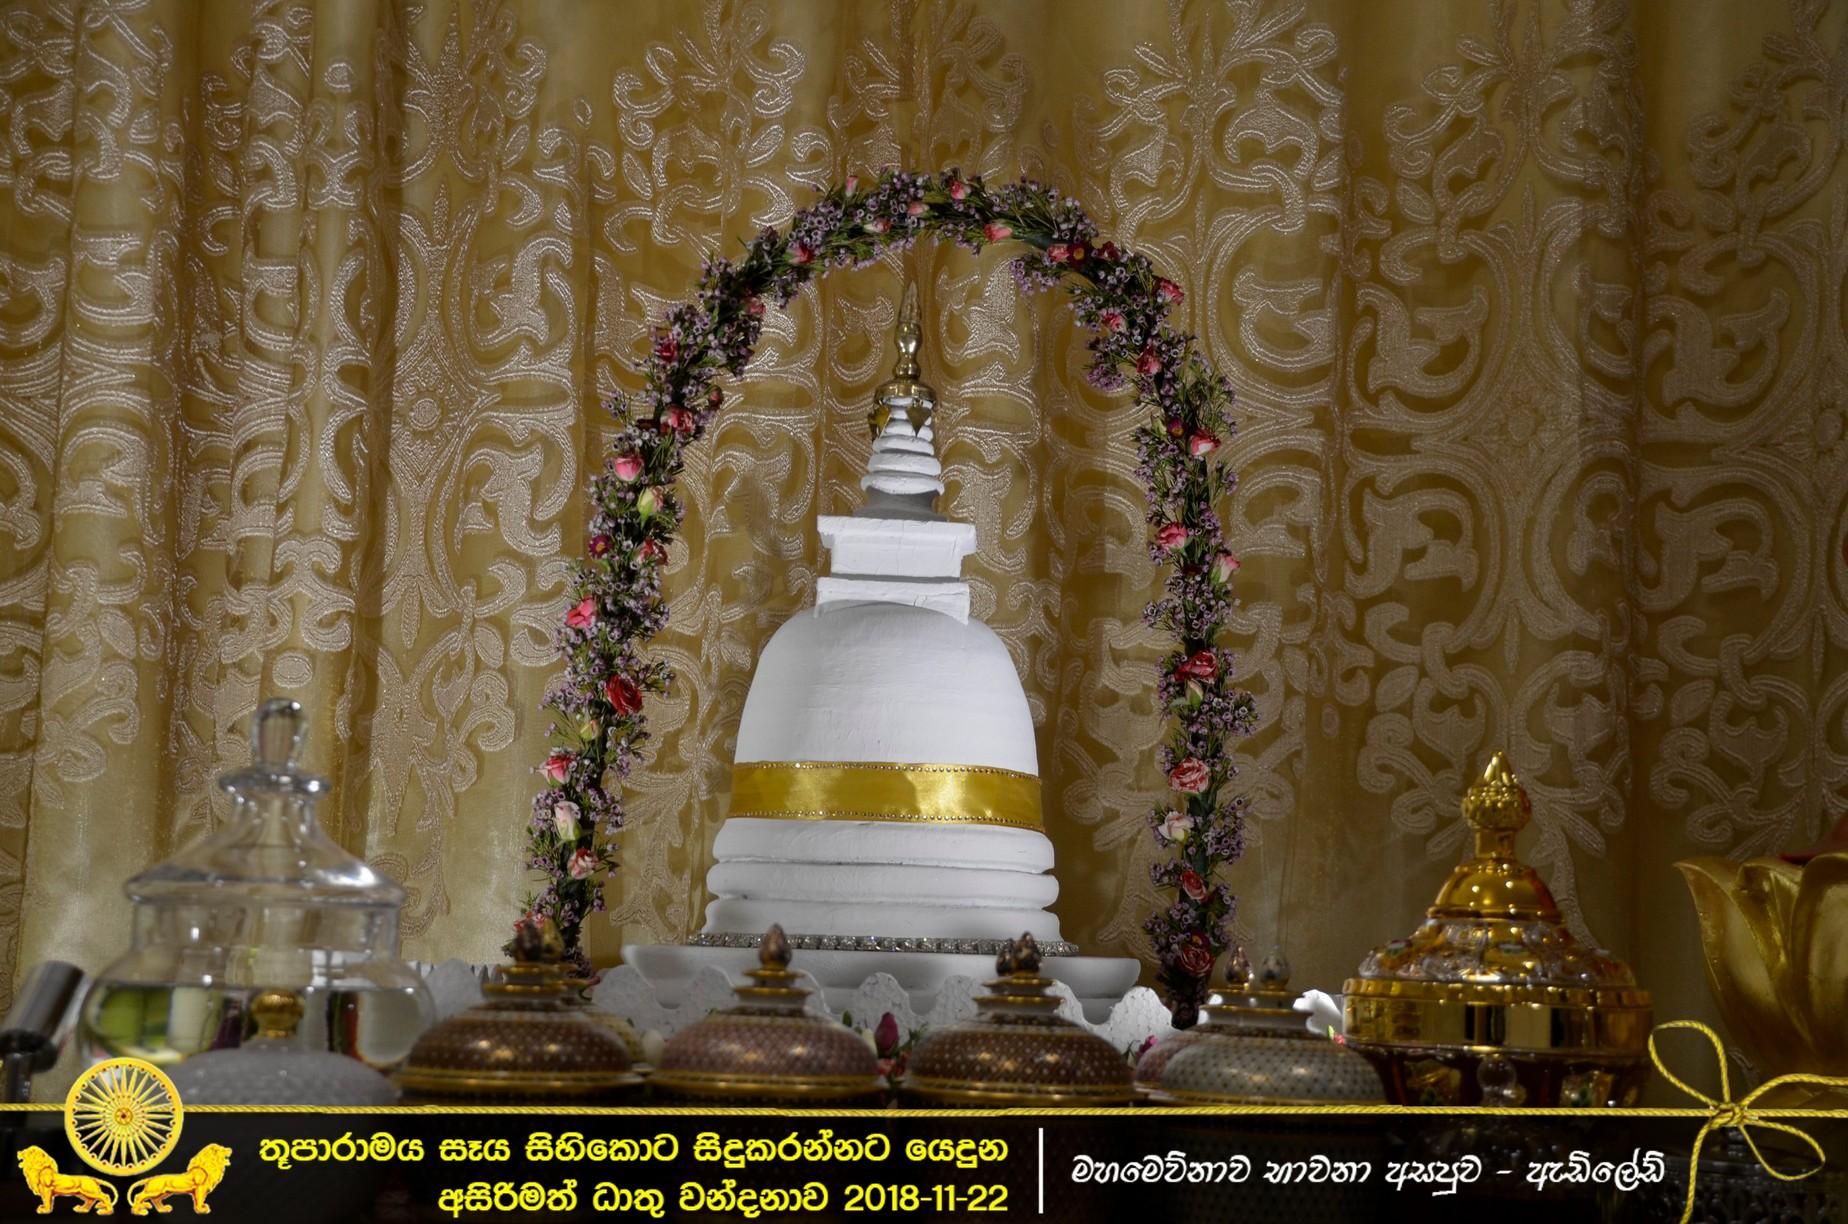 Thuparama060